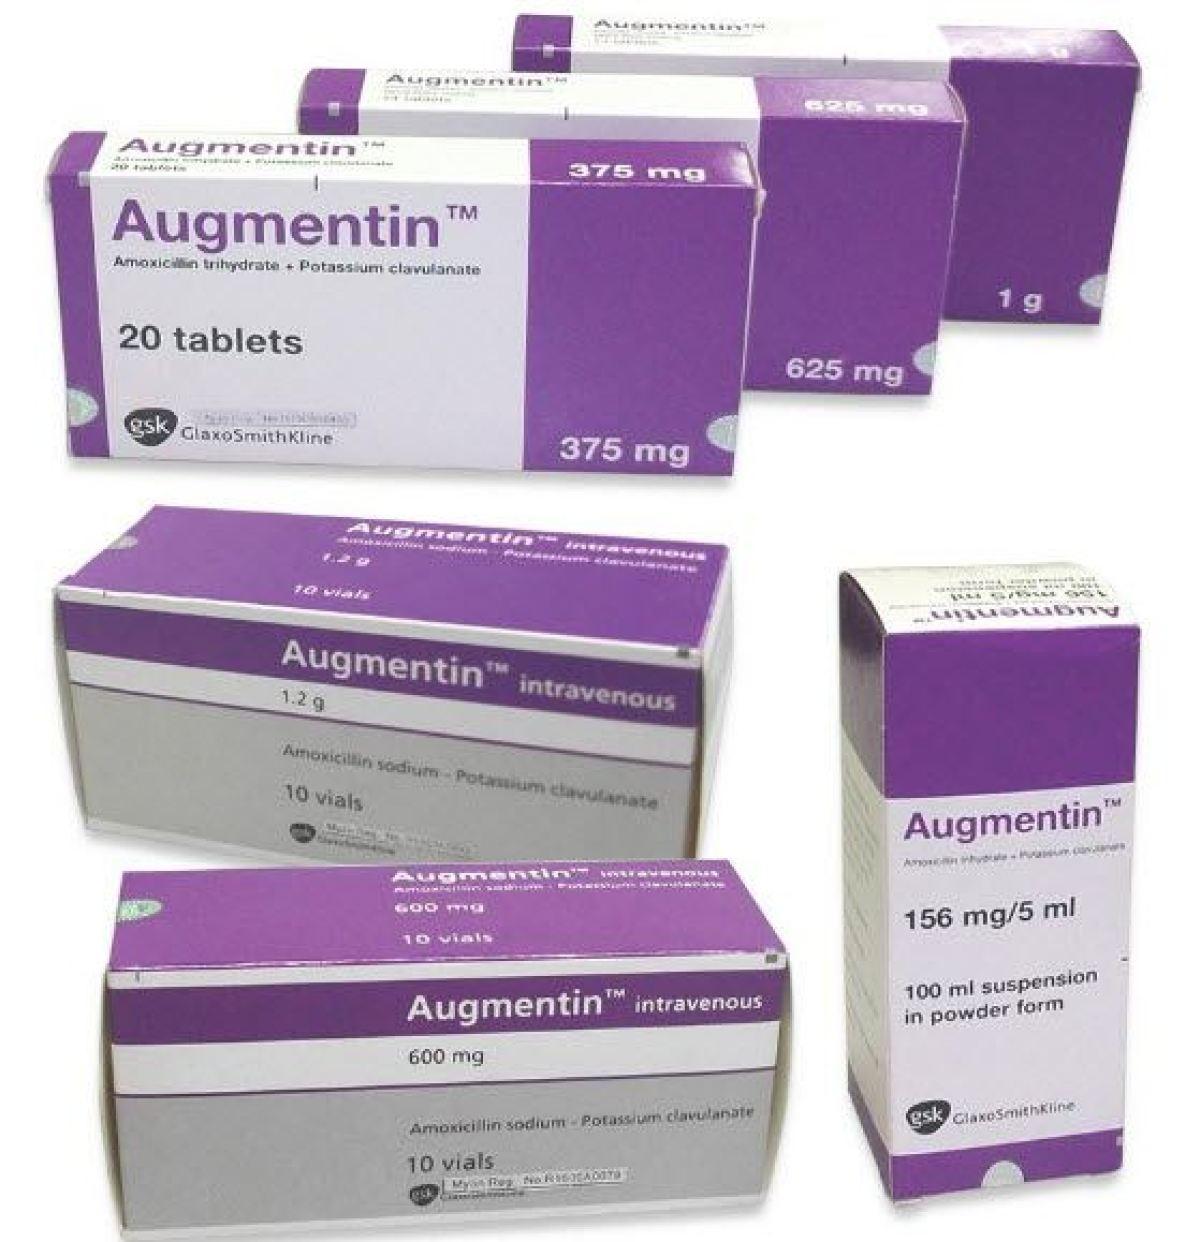 معلومات عن اوجمنتين Augmentin مضاد حيوي واسع المجال مجلتك